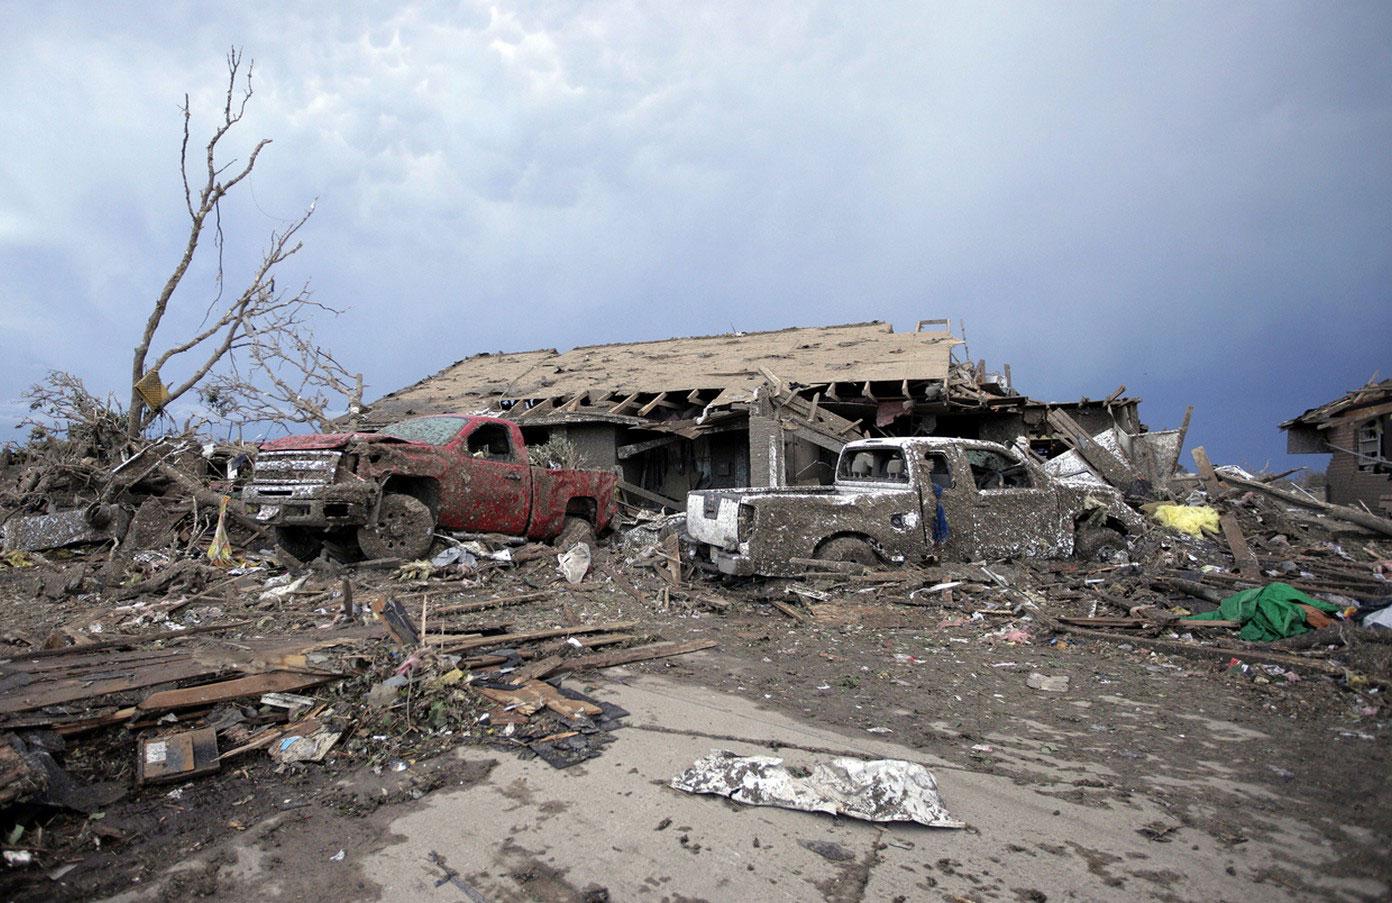 разрушенные авто и дом смерчем